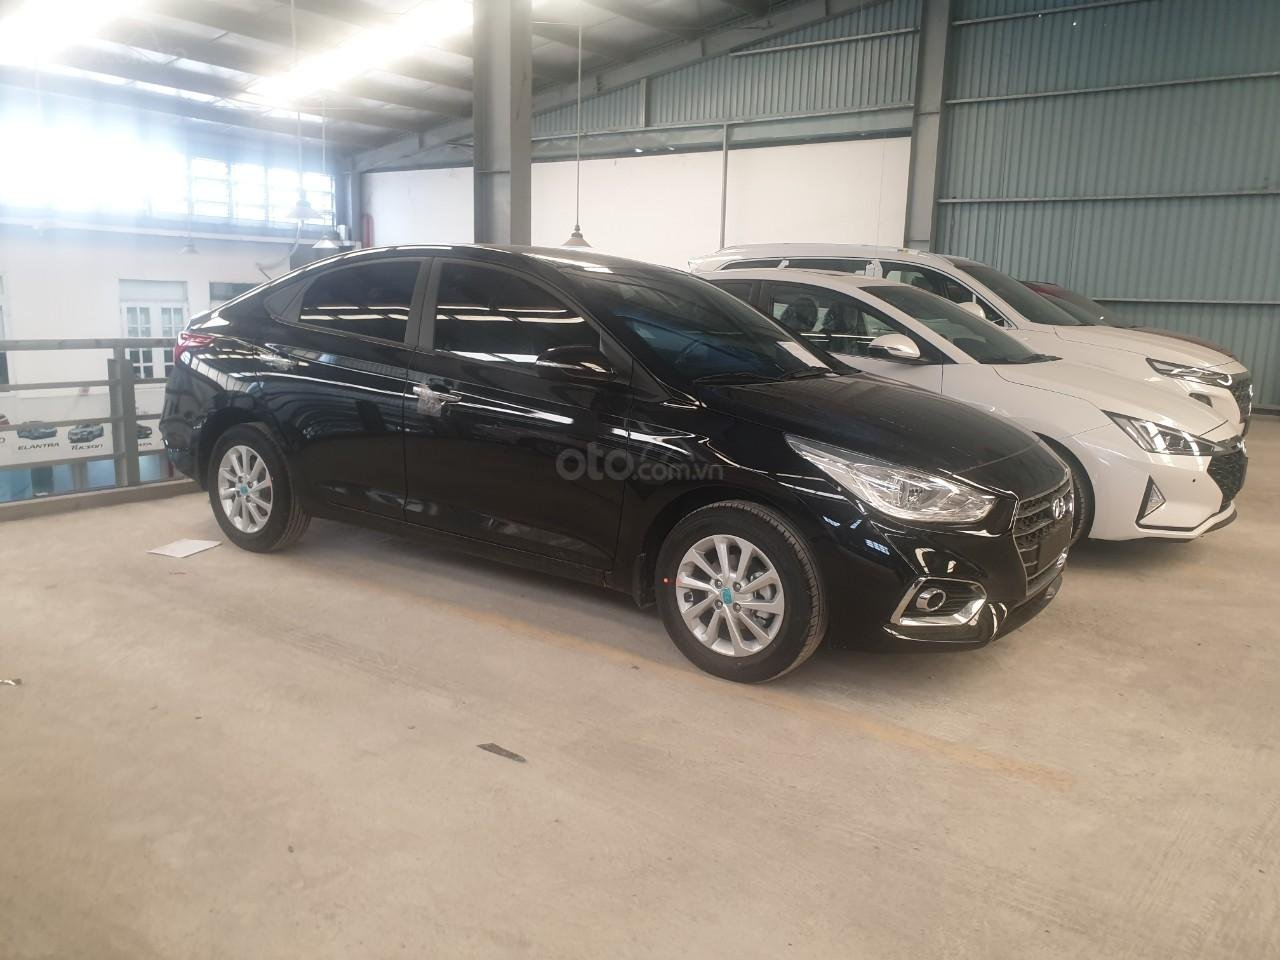 Bán Hyundai Accent số 2019, đủ màu trả trước 150tr, liên hệ Mr. Quang 0936167272 (2)